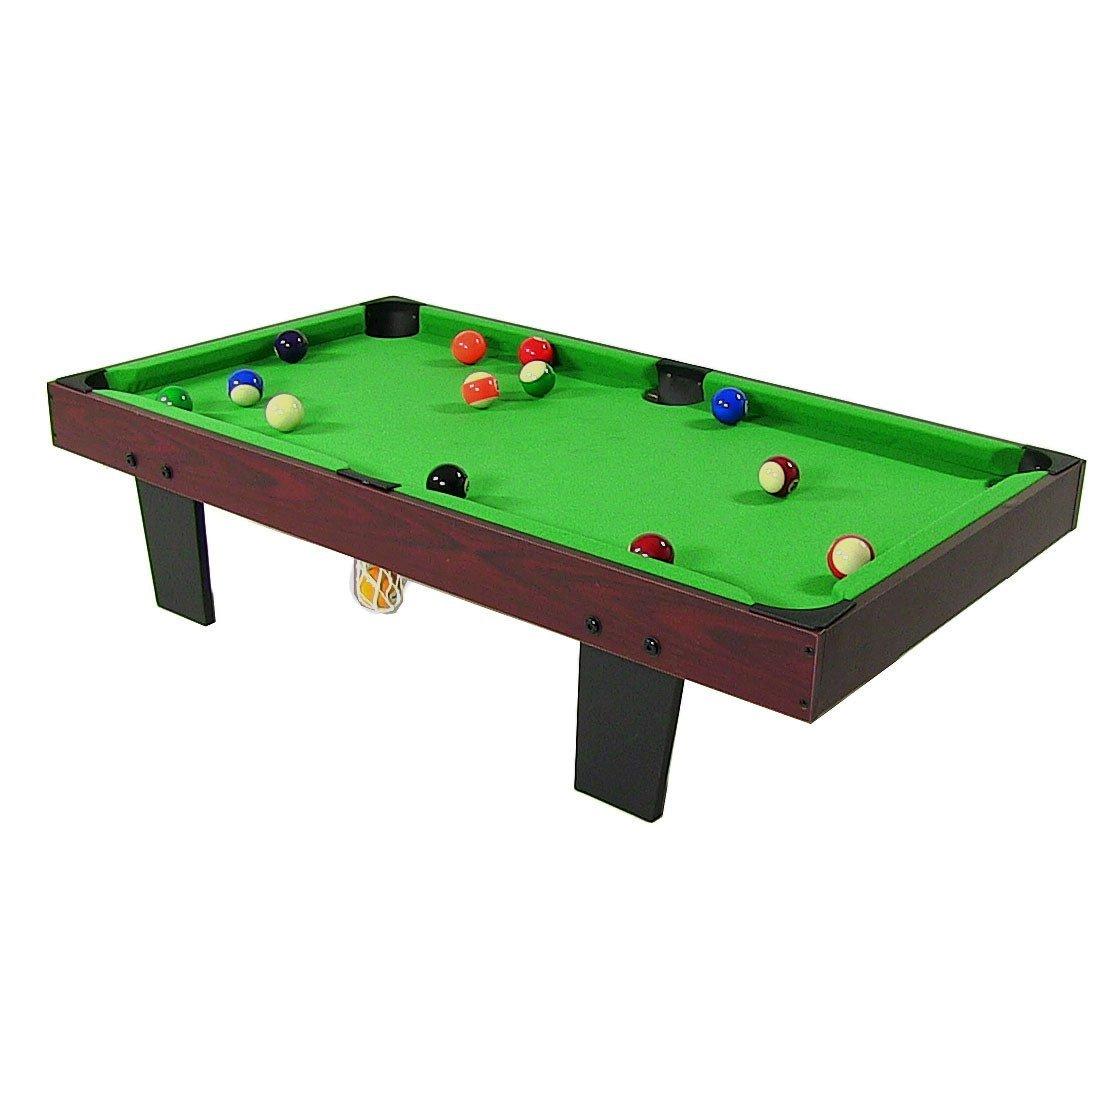 Sunnydaze Mini Tabletop Pool Table Green Size Check Back - Mini pool table size